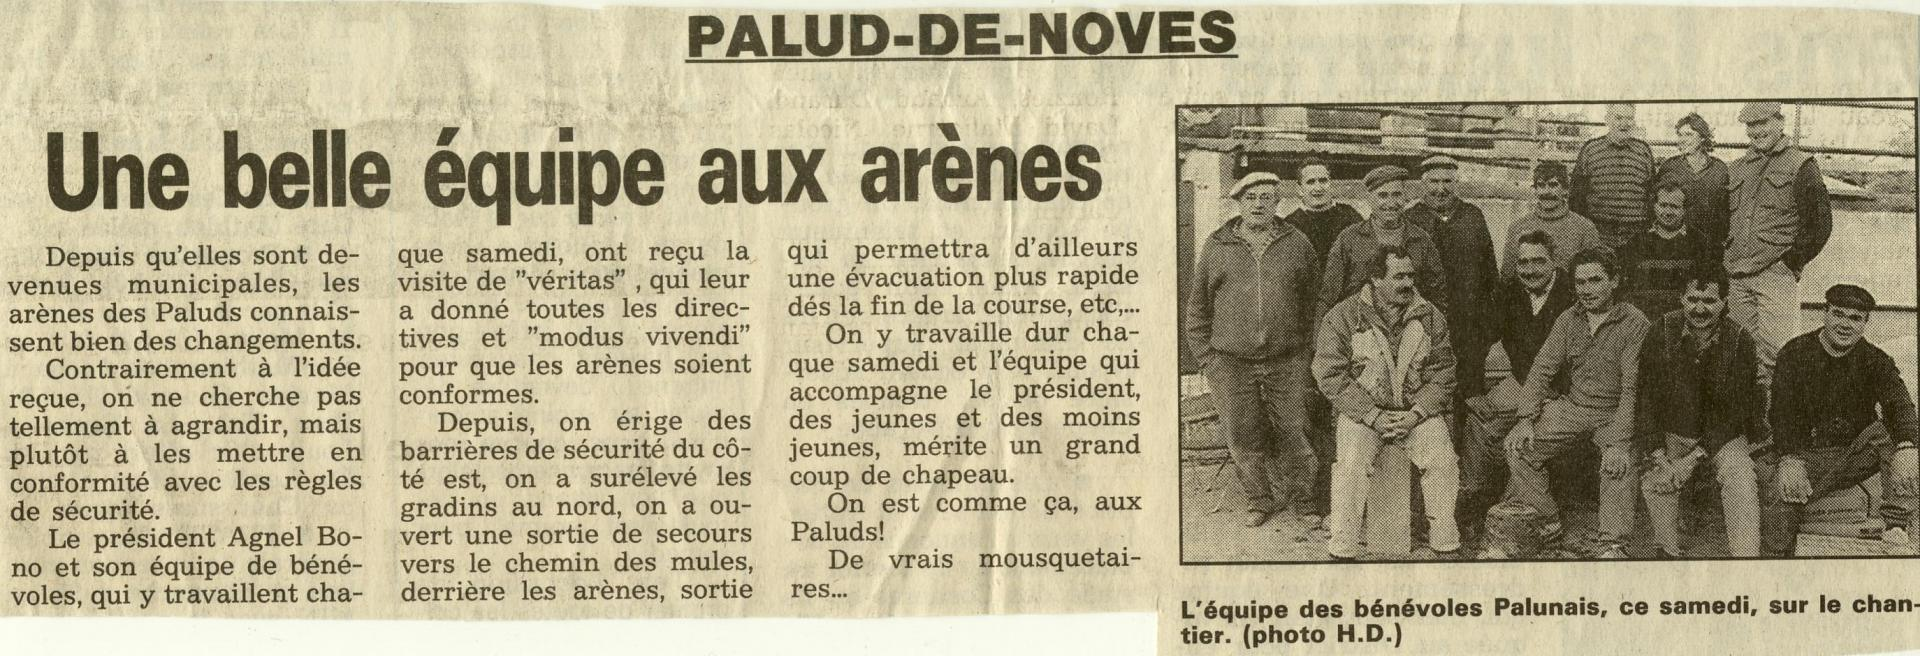 Travaux arenes fevrier 1995